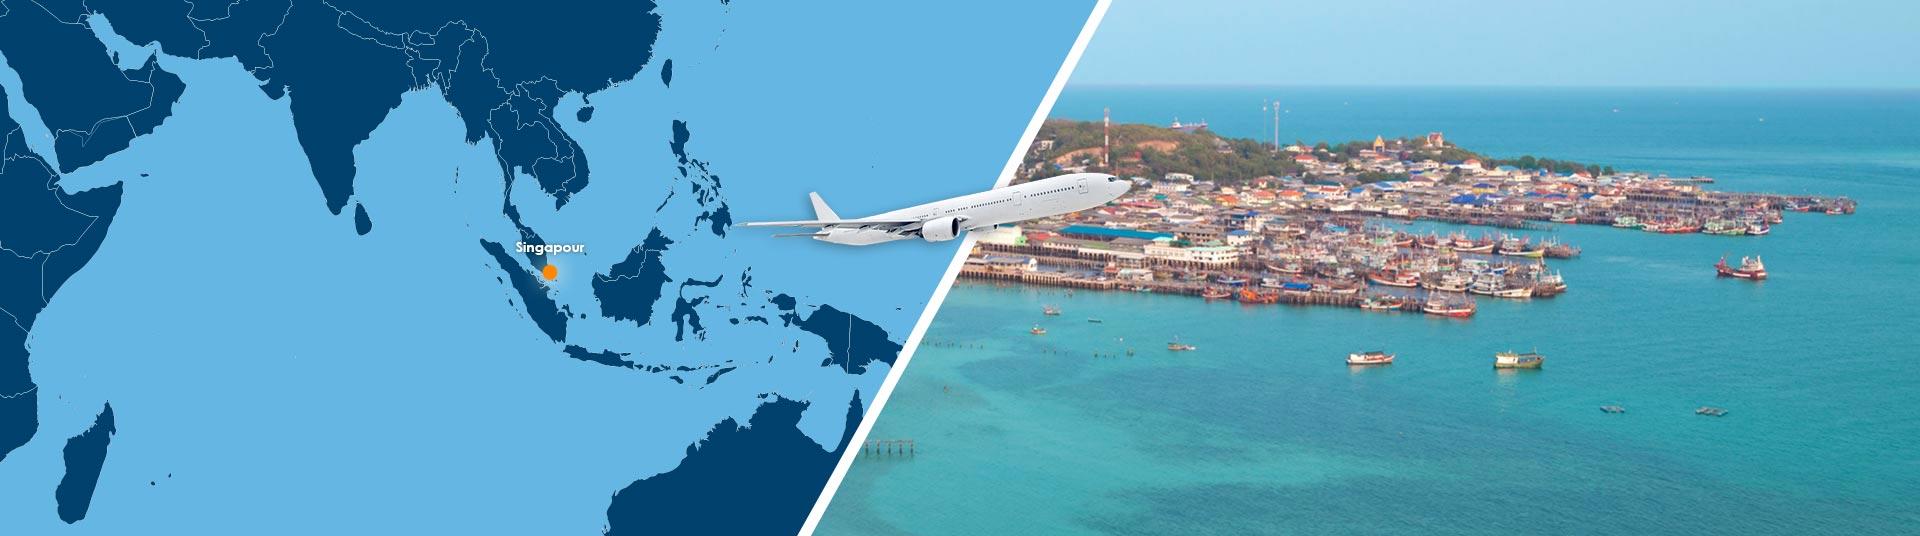 Vol singapour iloilo pas cher r server un billet avion for Vol interieur philippines